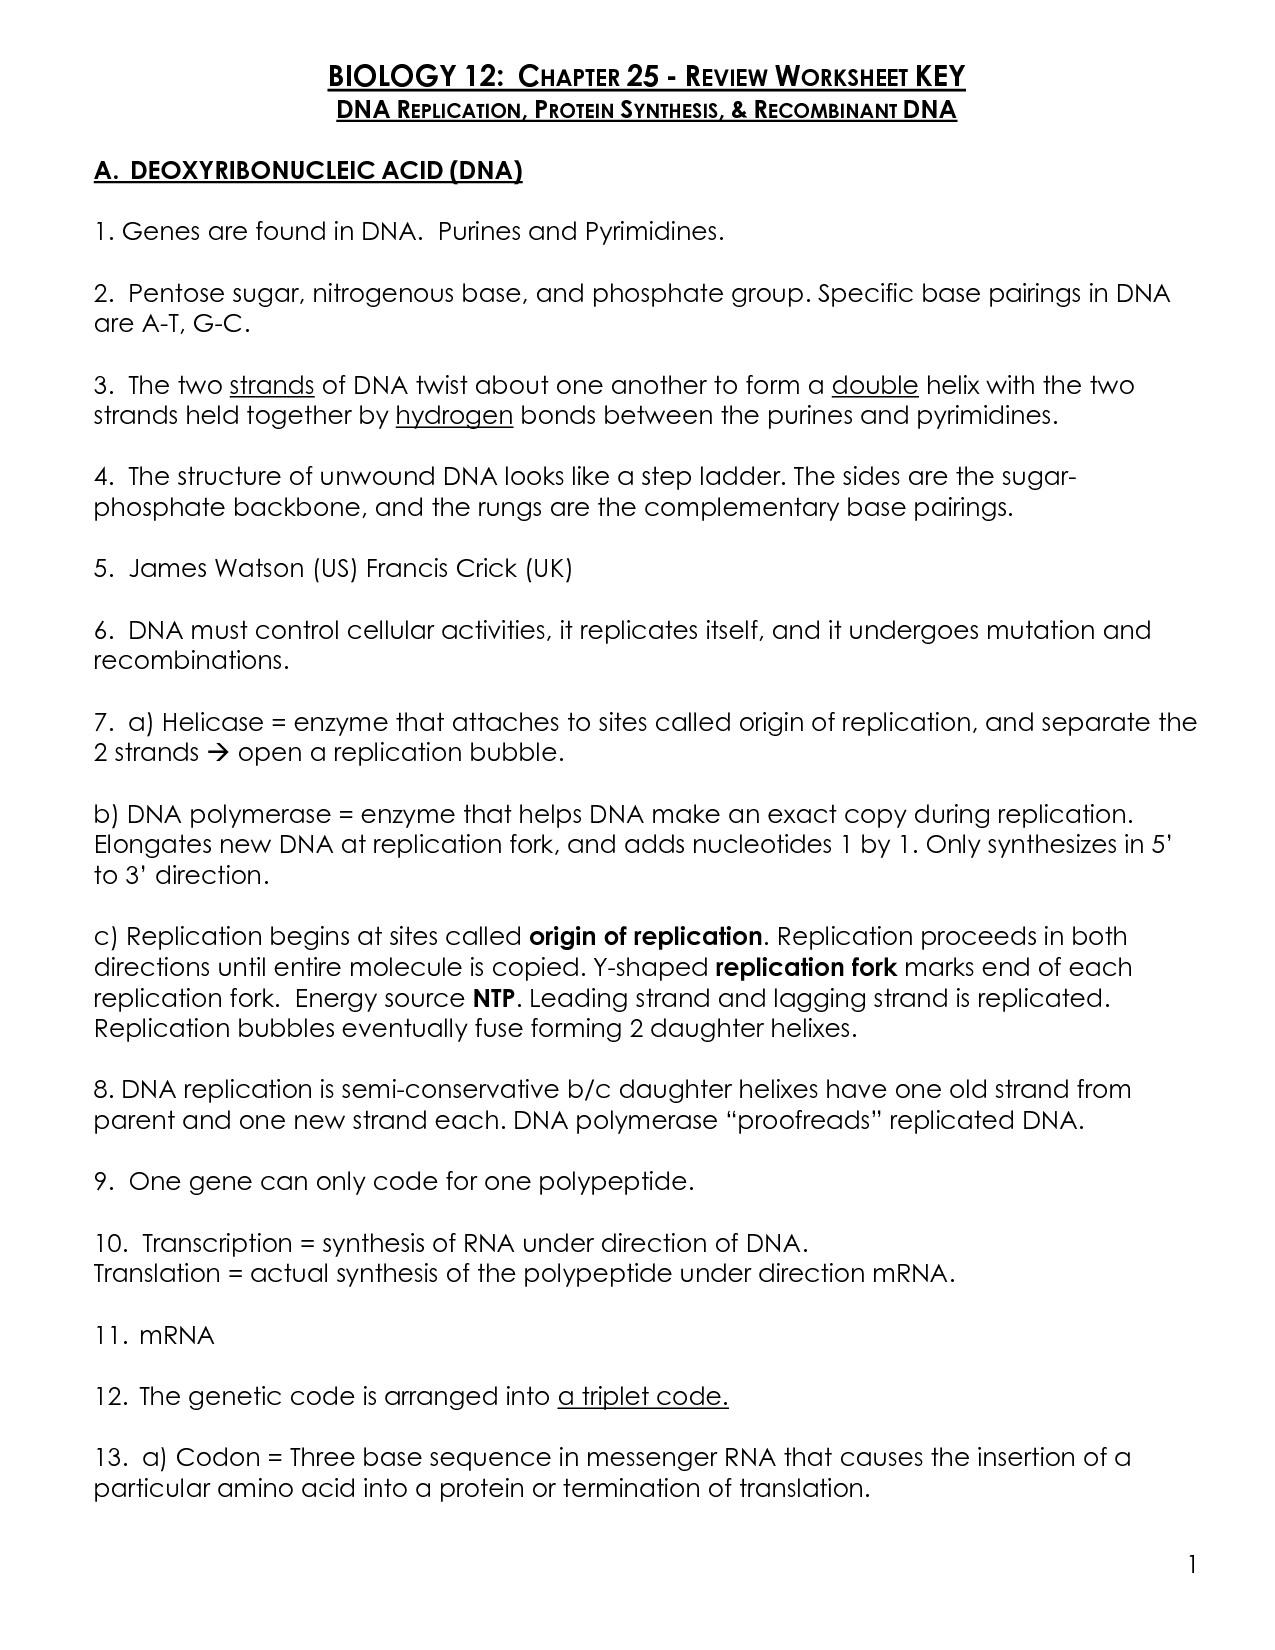 Worksheet Transcription And Translation Worksheet Answers